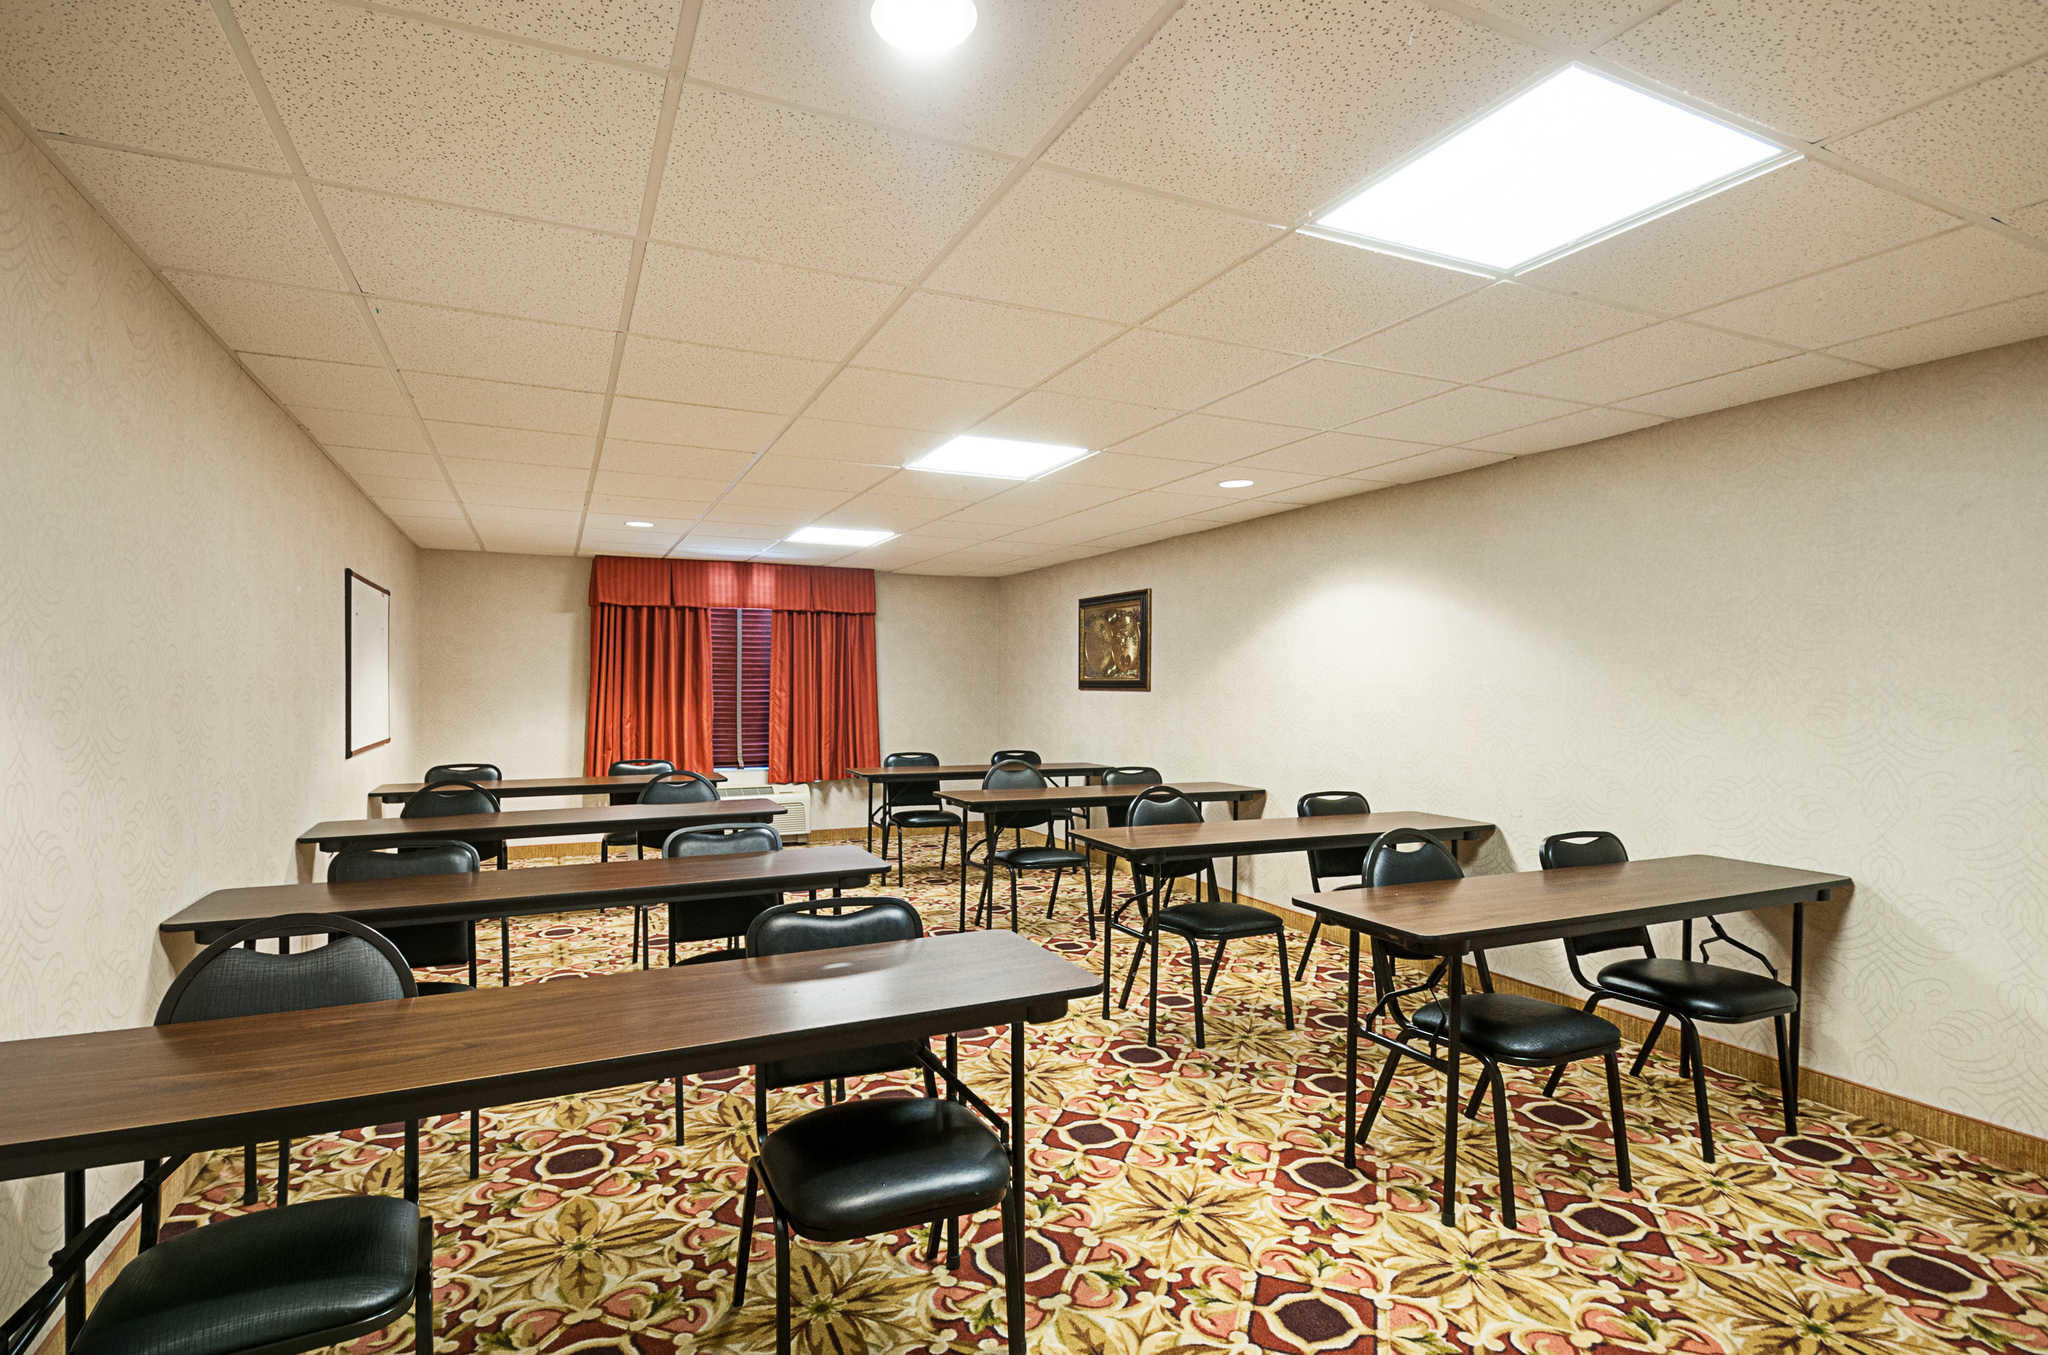 Comfort Inn & Suites Cambridge image 36